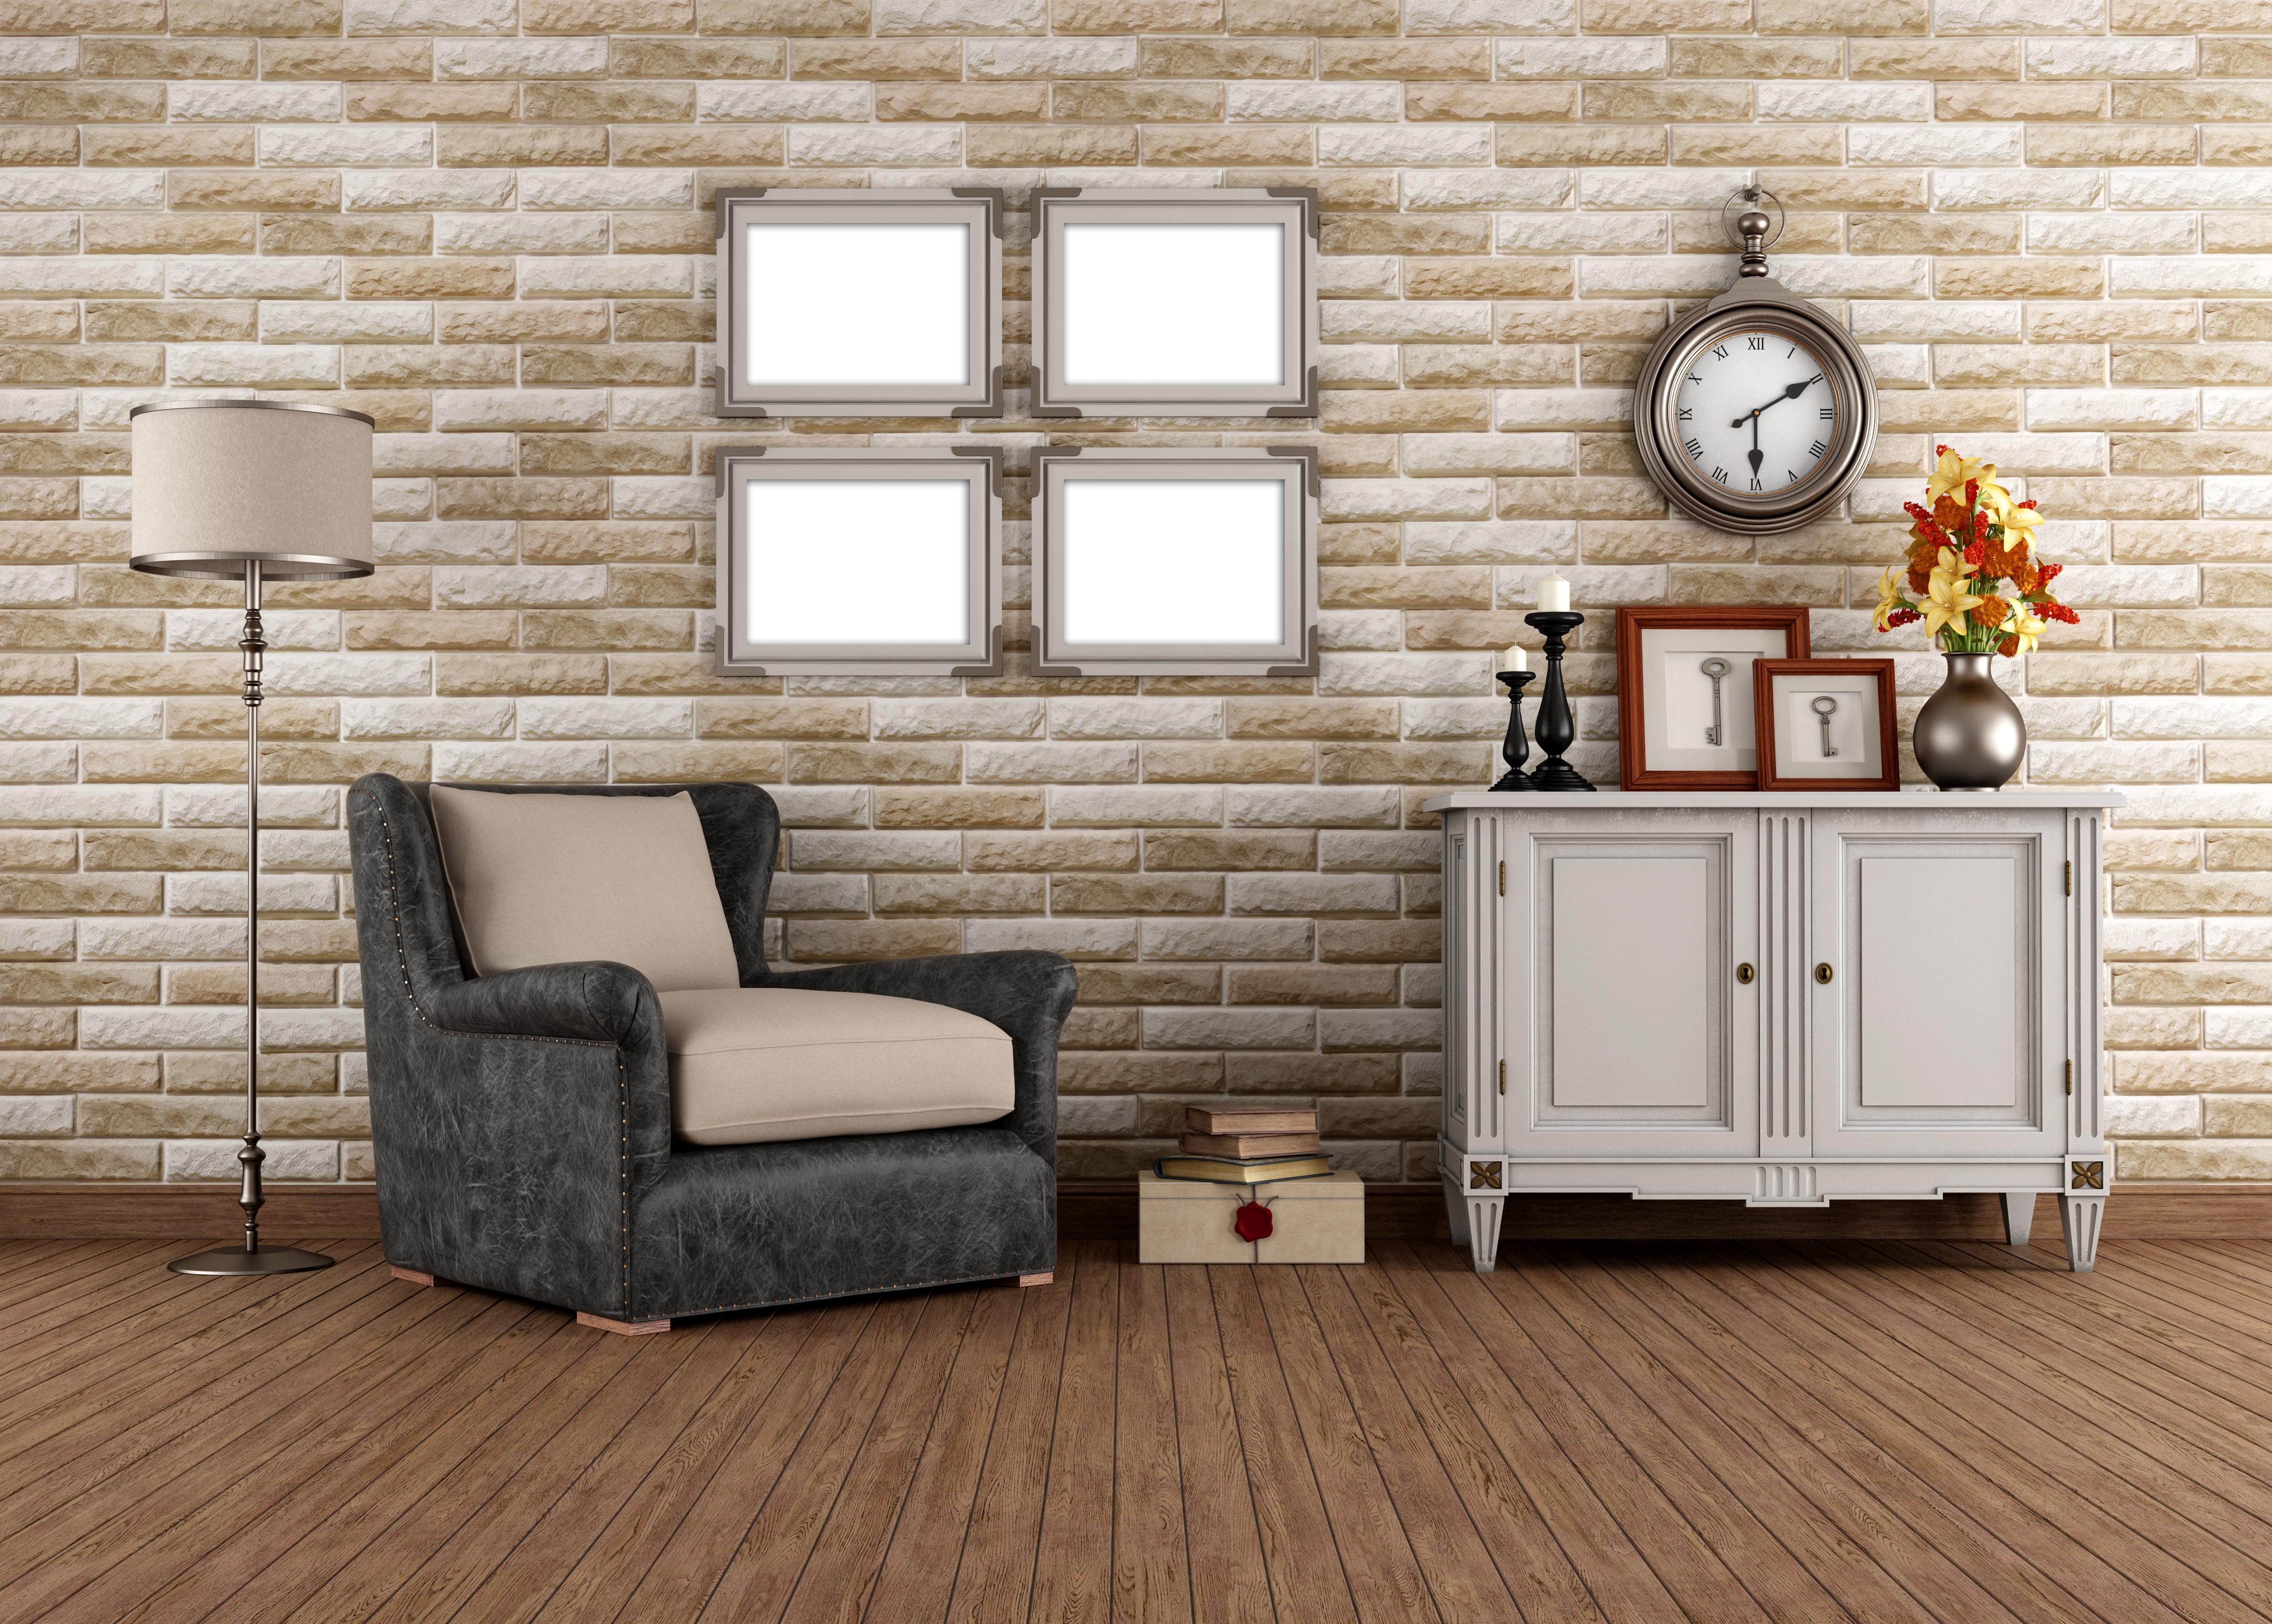 Comment donner un style vintage à sa maison ?